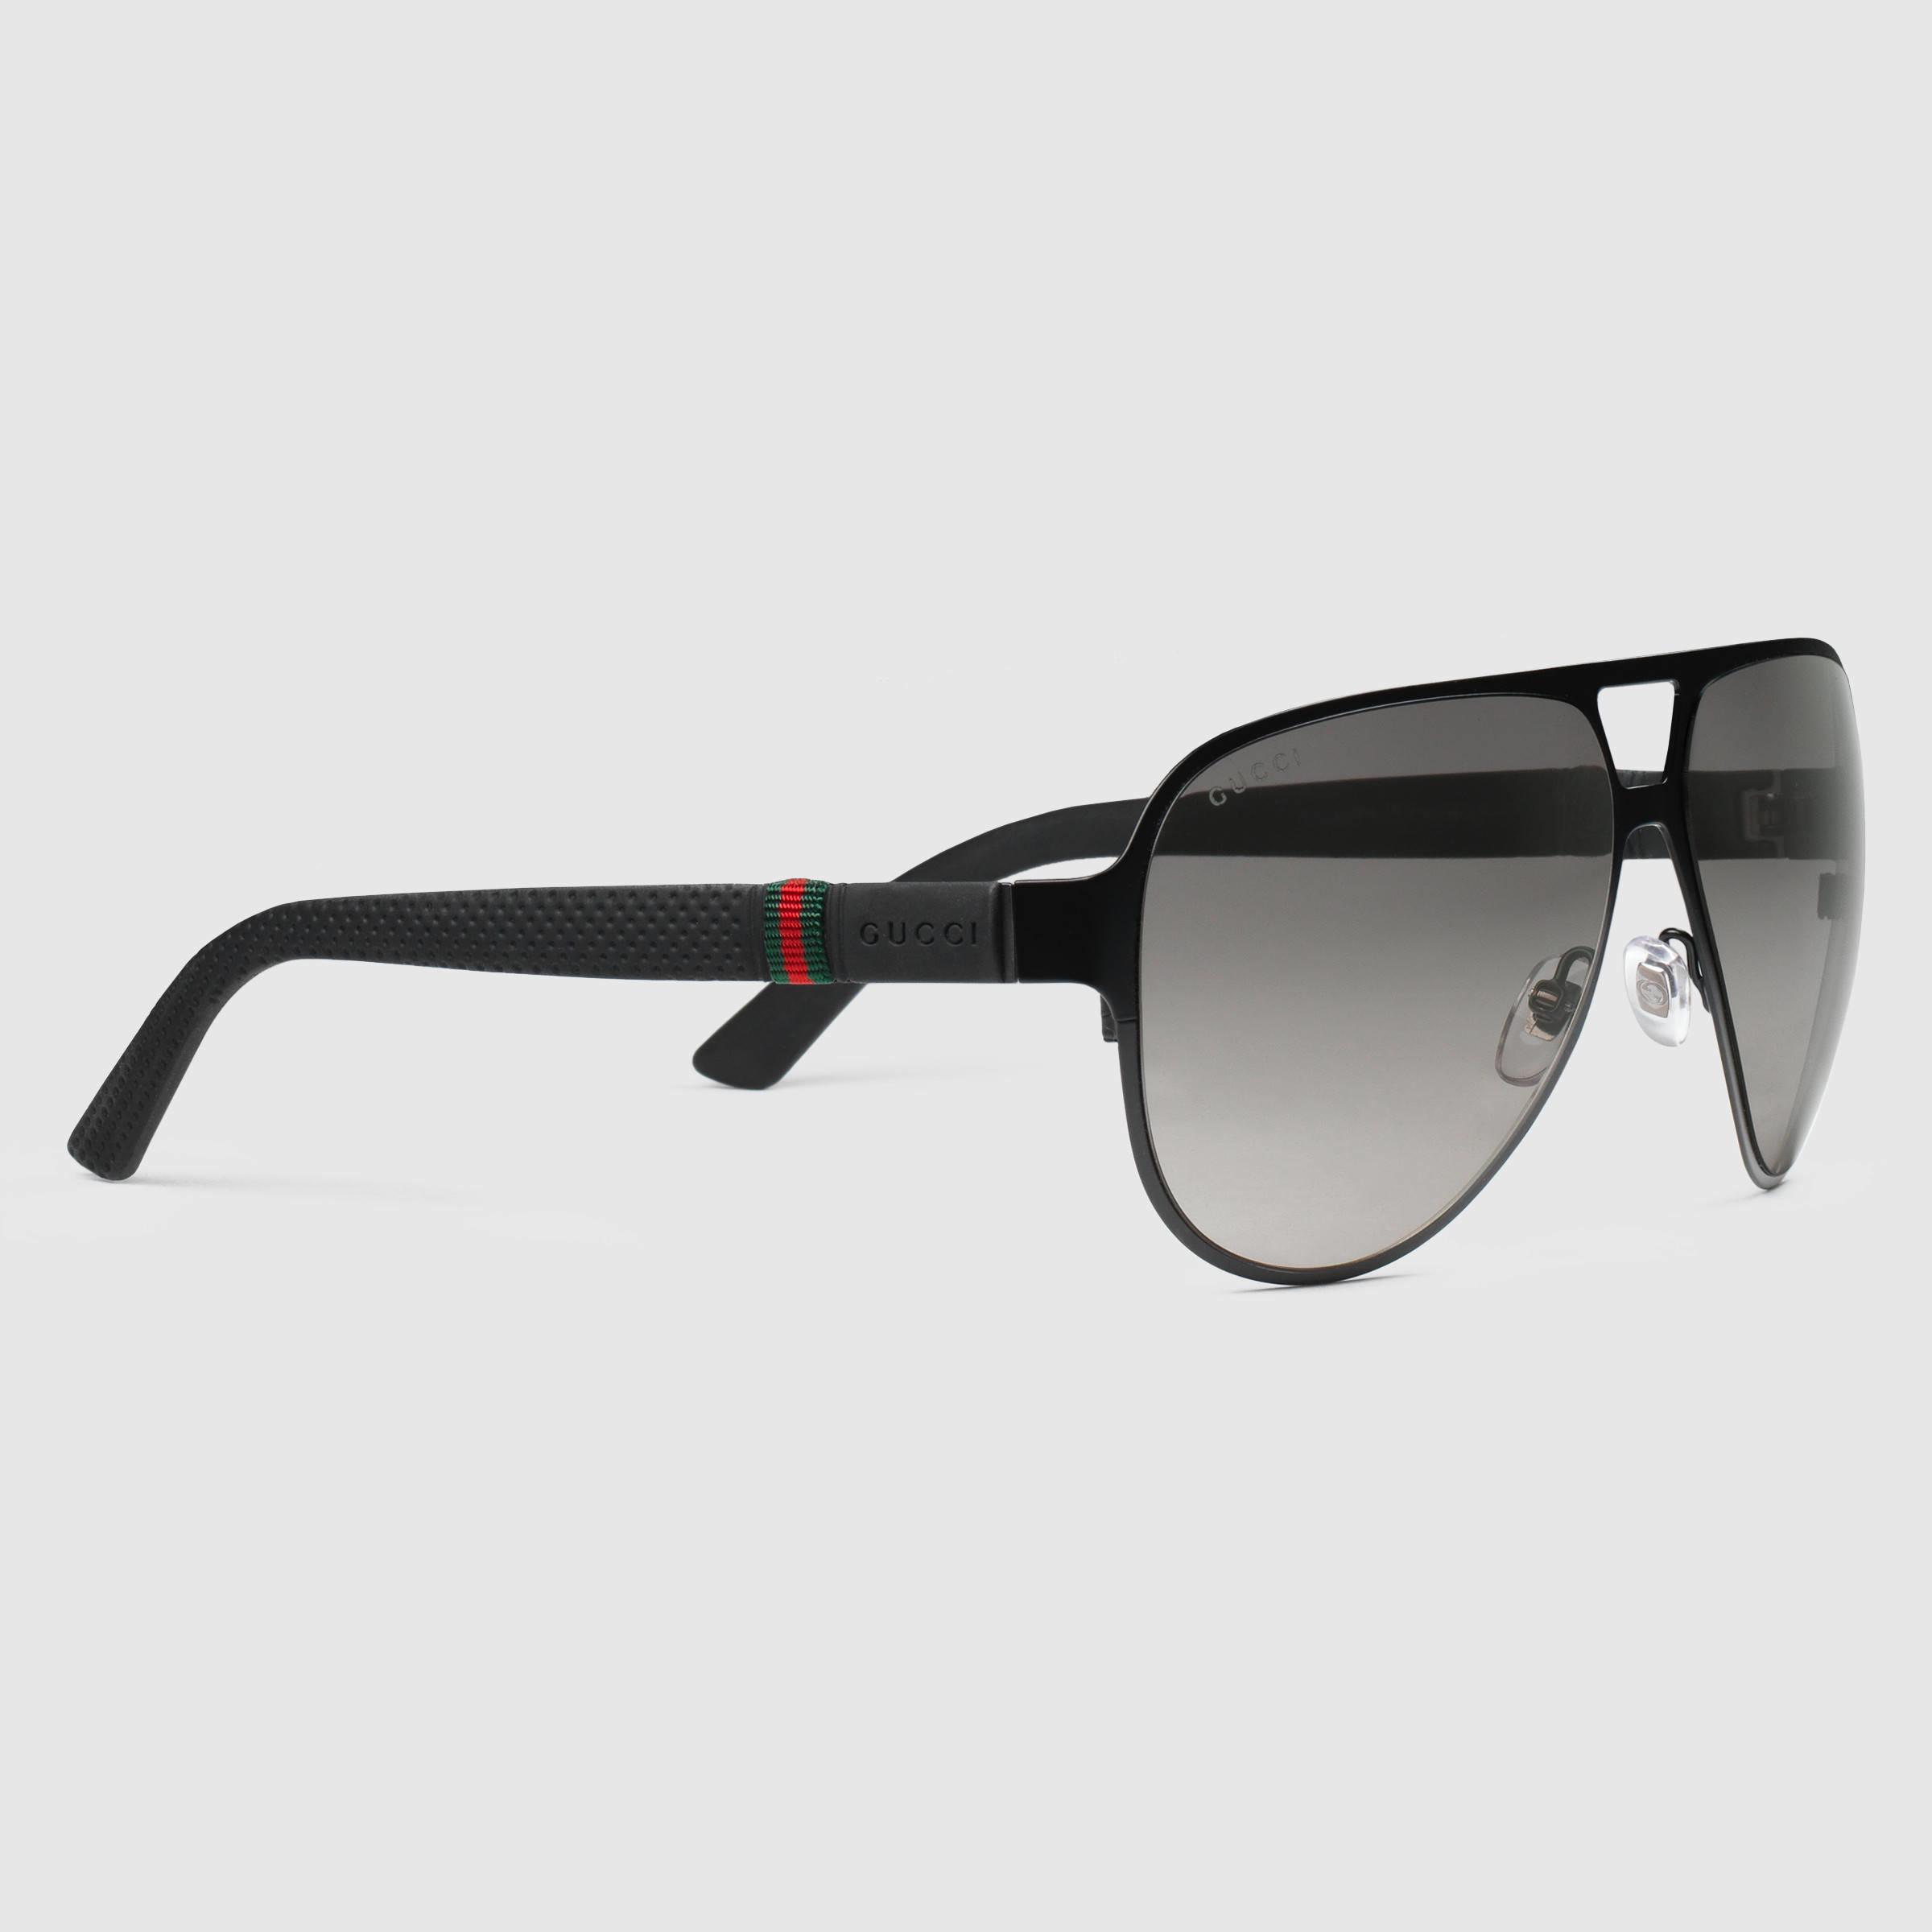 97c45c641ae Gucci Black Oversized Runway Aviator Sunglasses